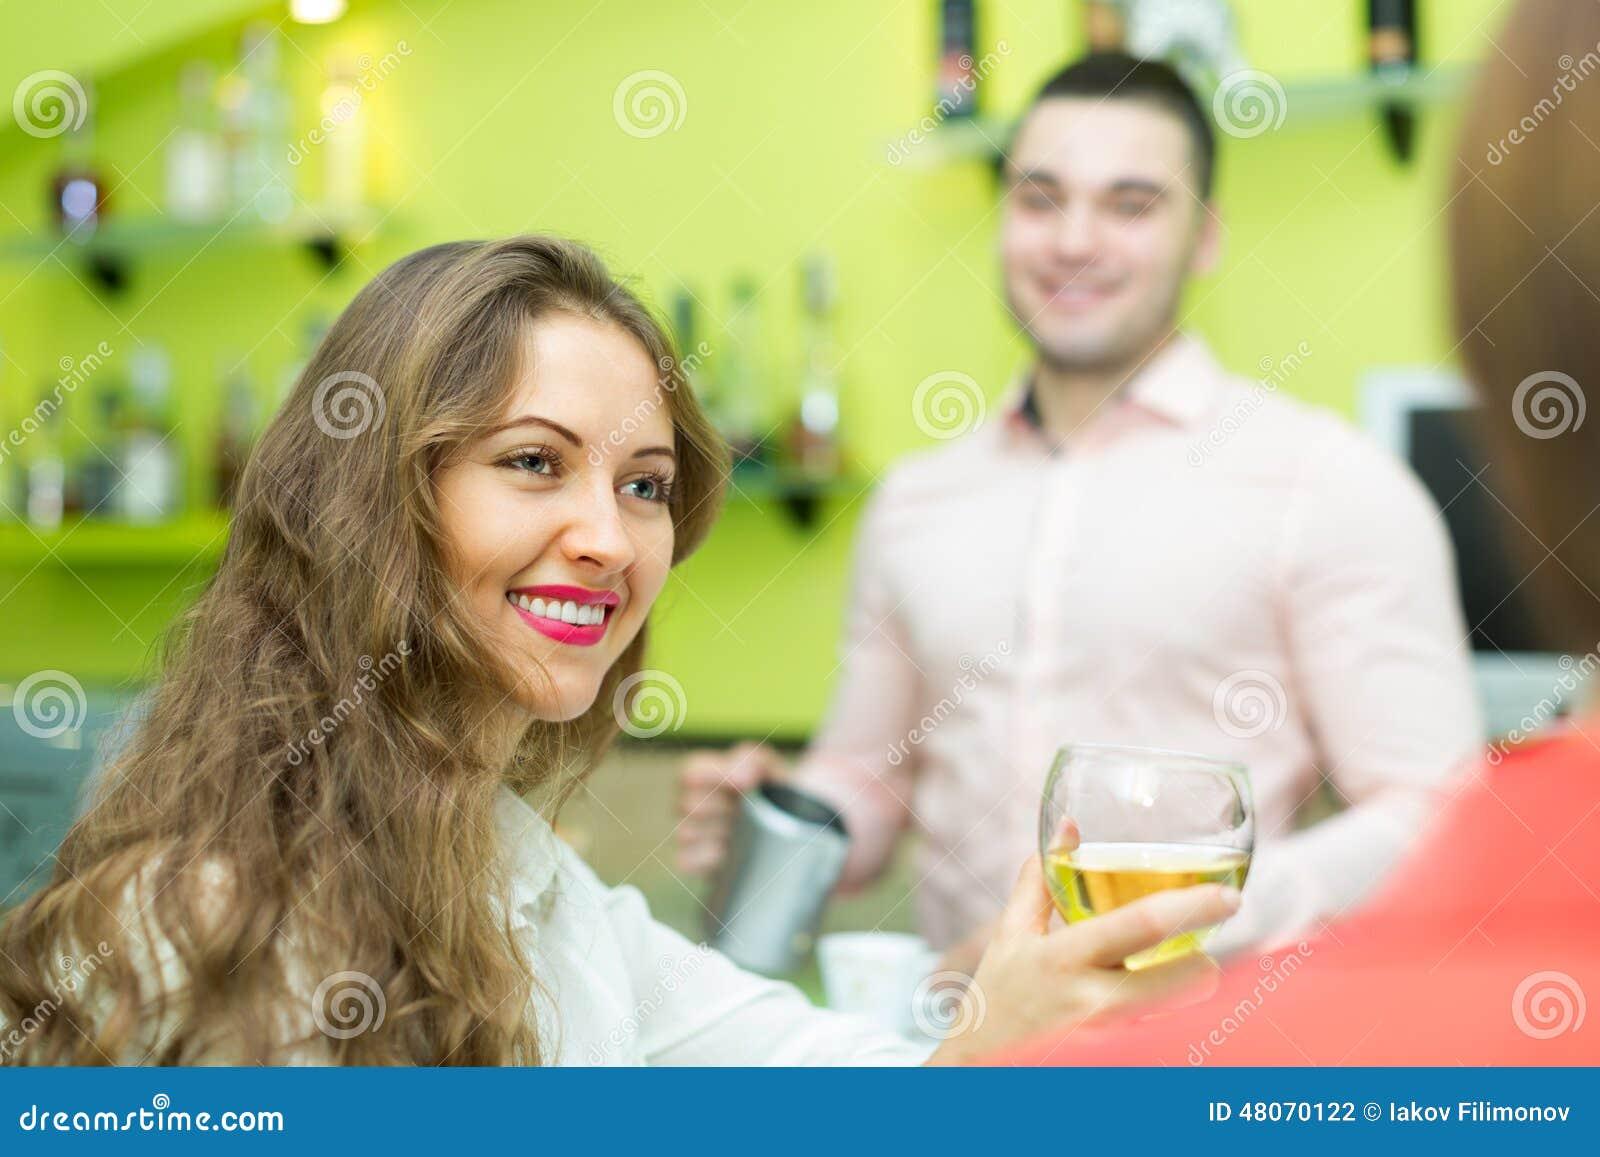 Kellnerin kennenlernen – So flirtest du erfolgreich mit der Bedienung